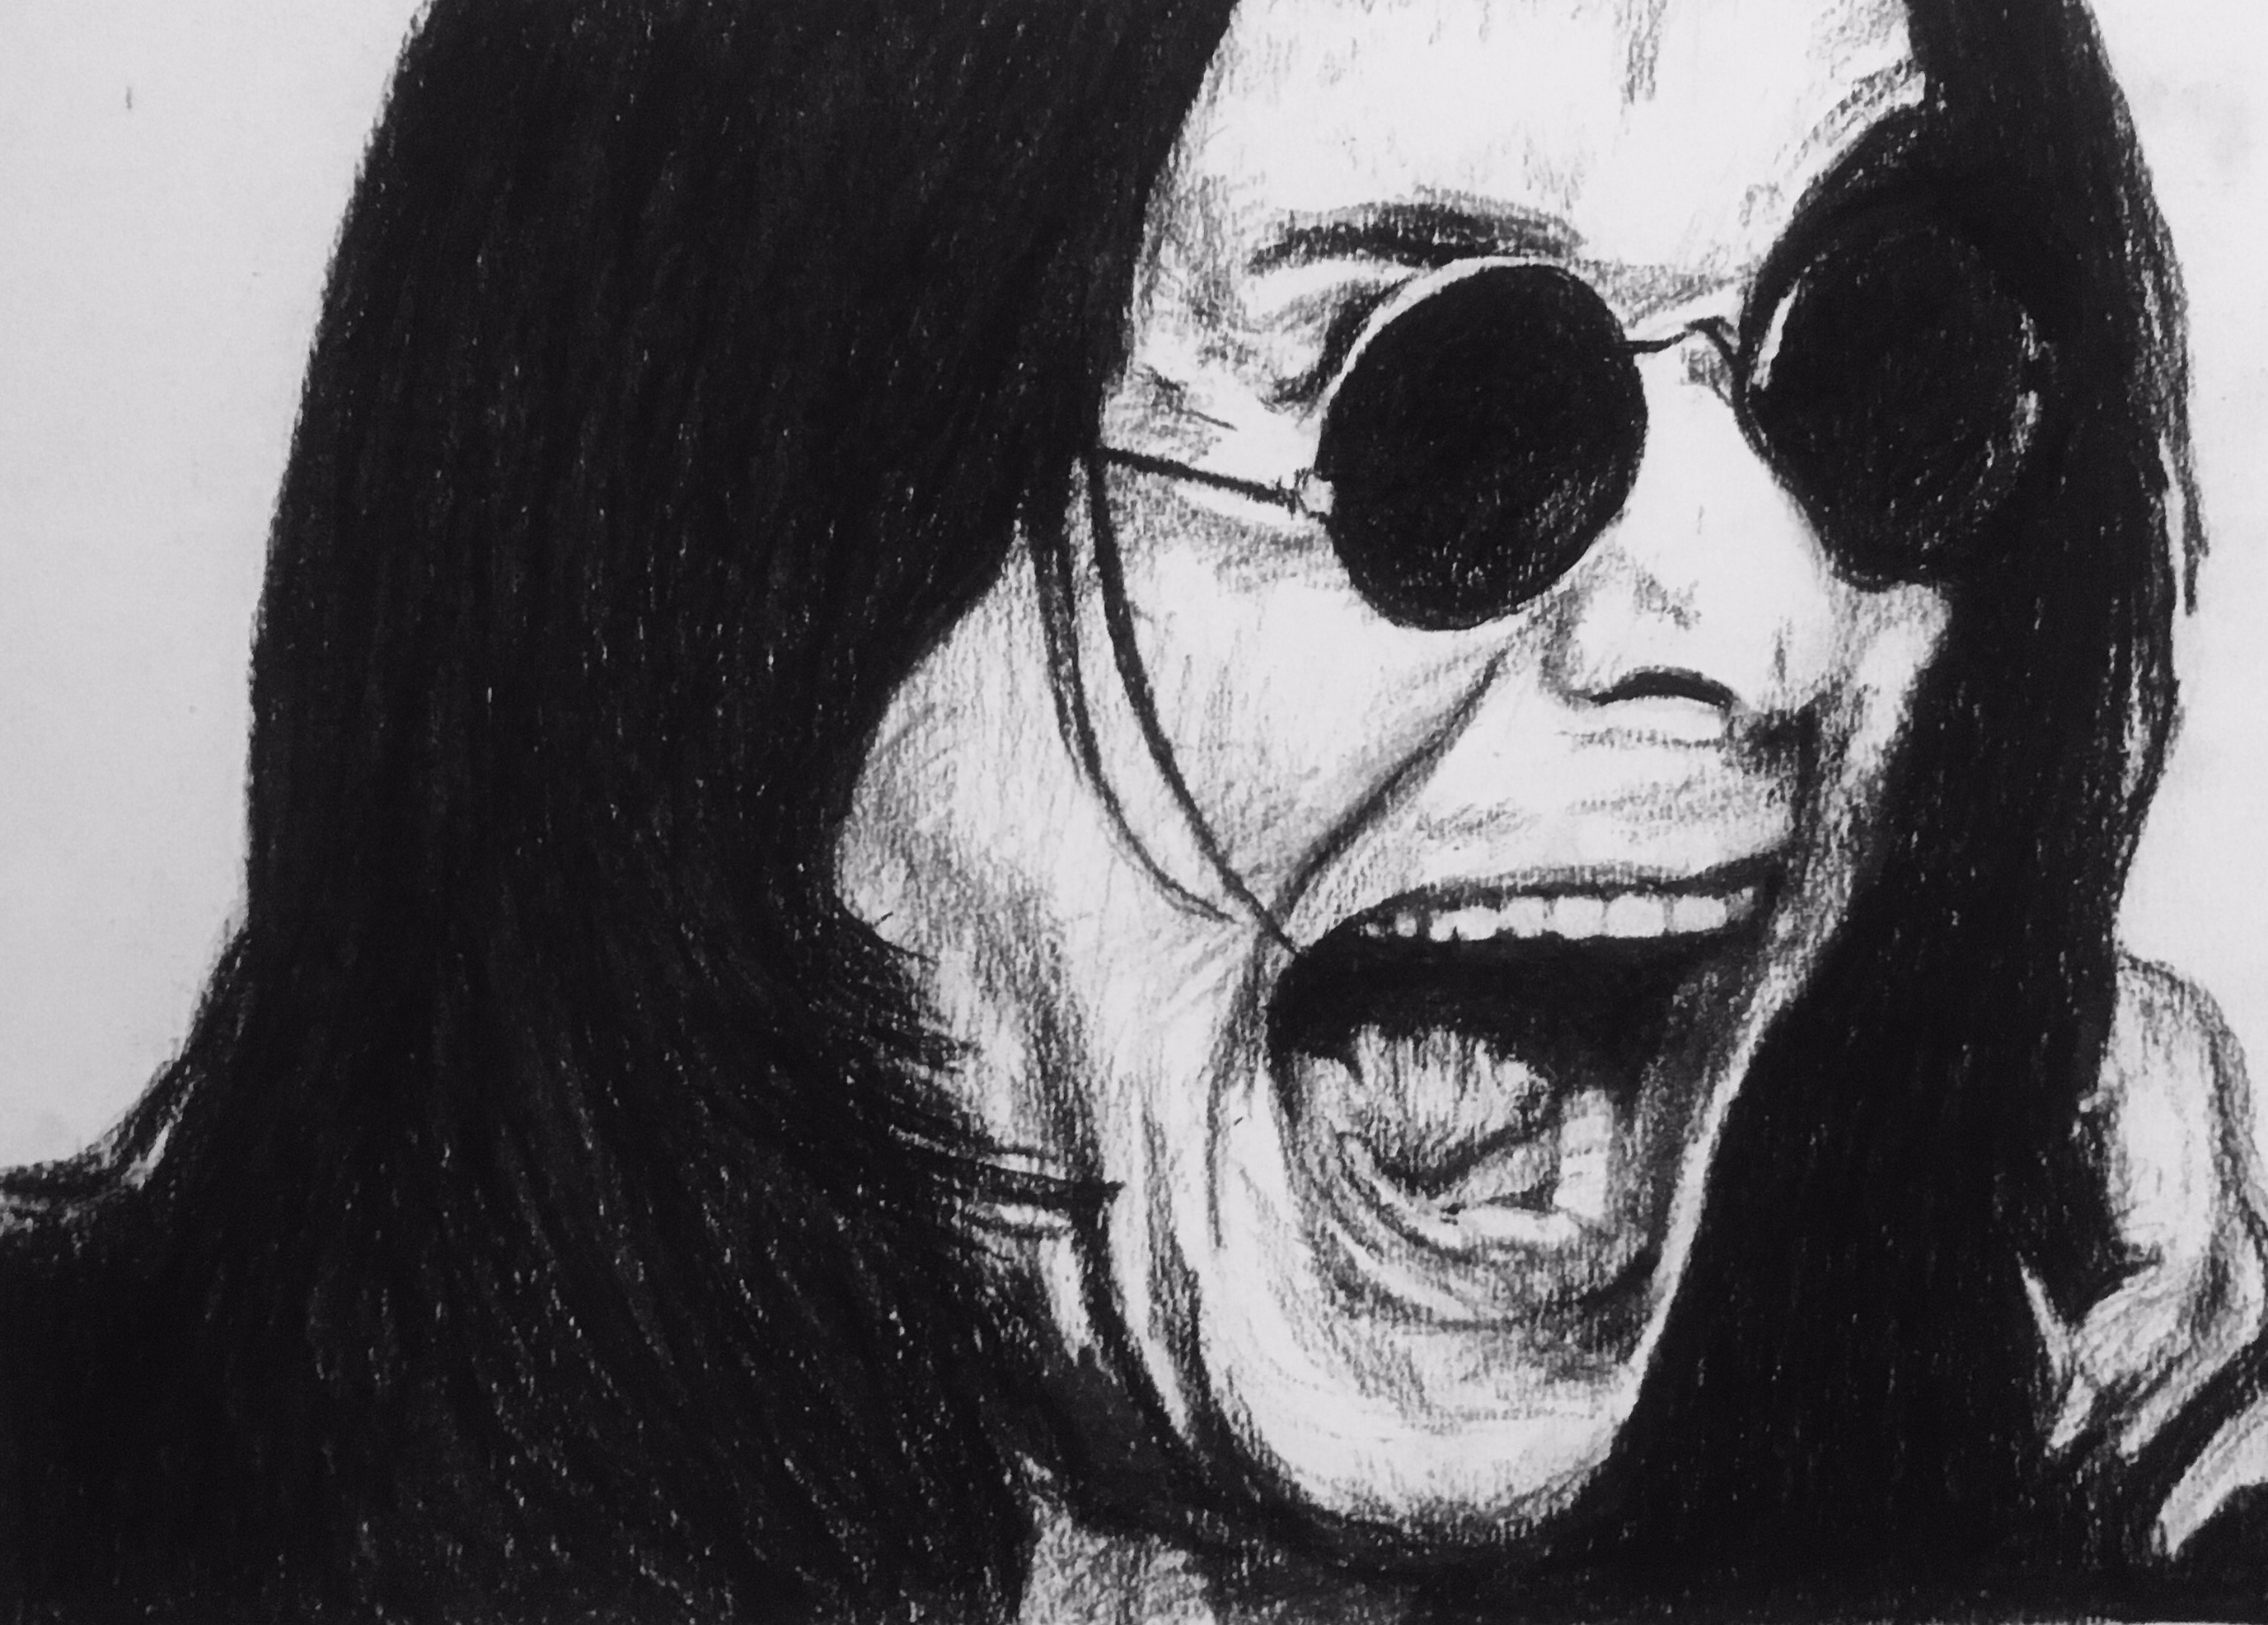 charcoal art portrait - Ozzy Os - kirkandrewsart | ello